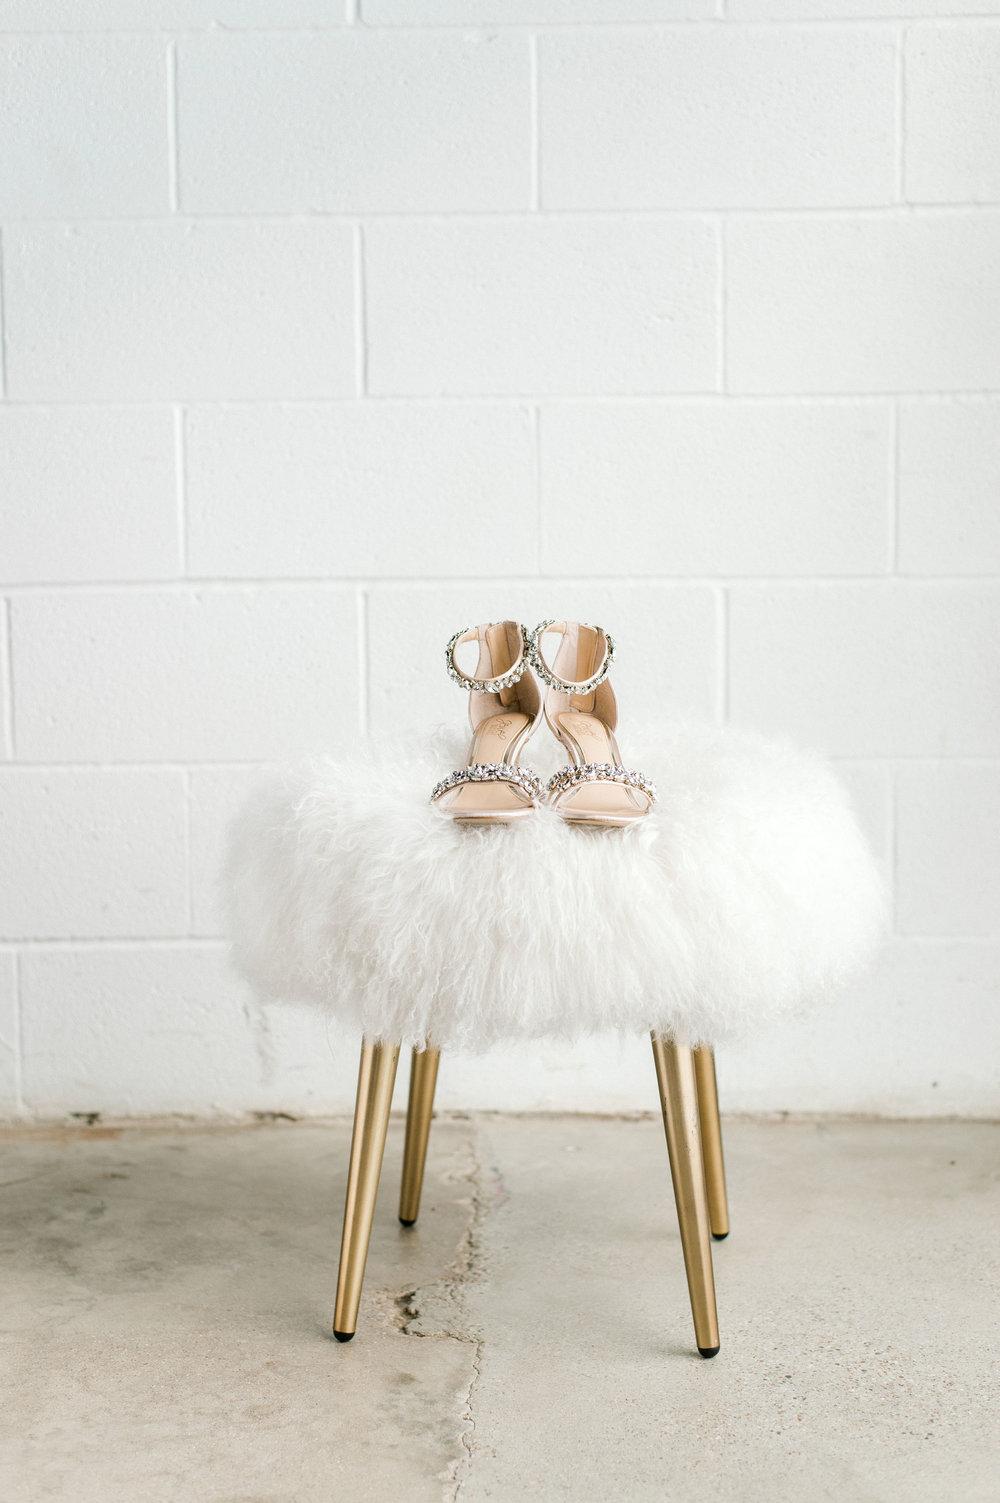 stylish wedding shoe inspiration